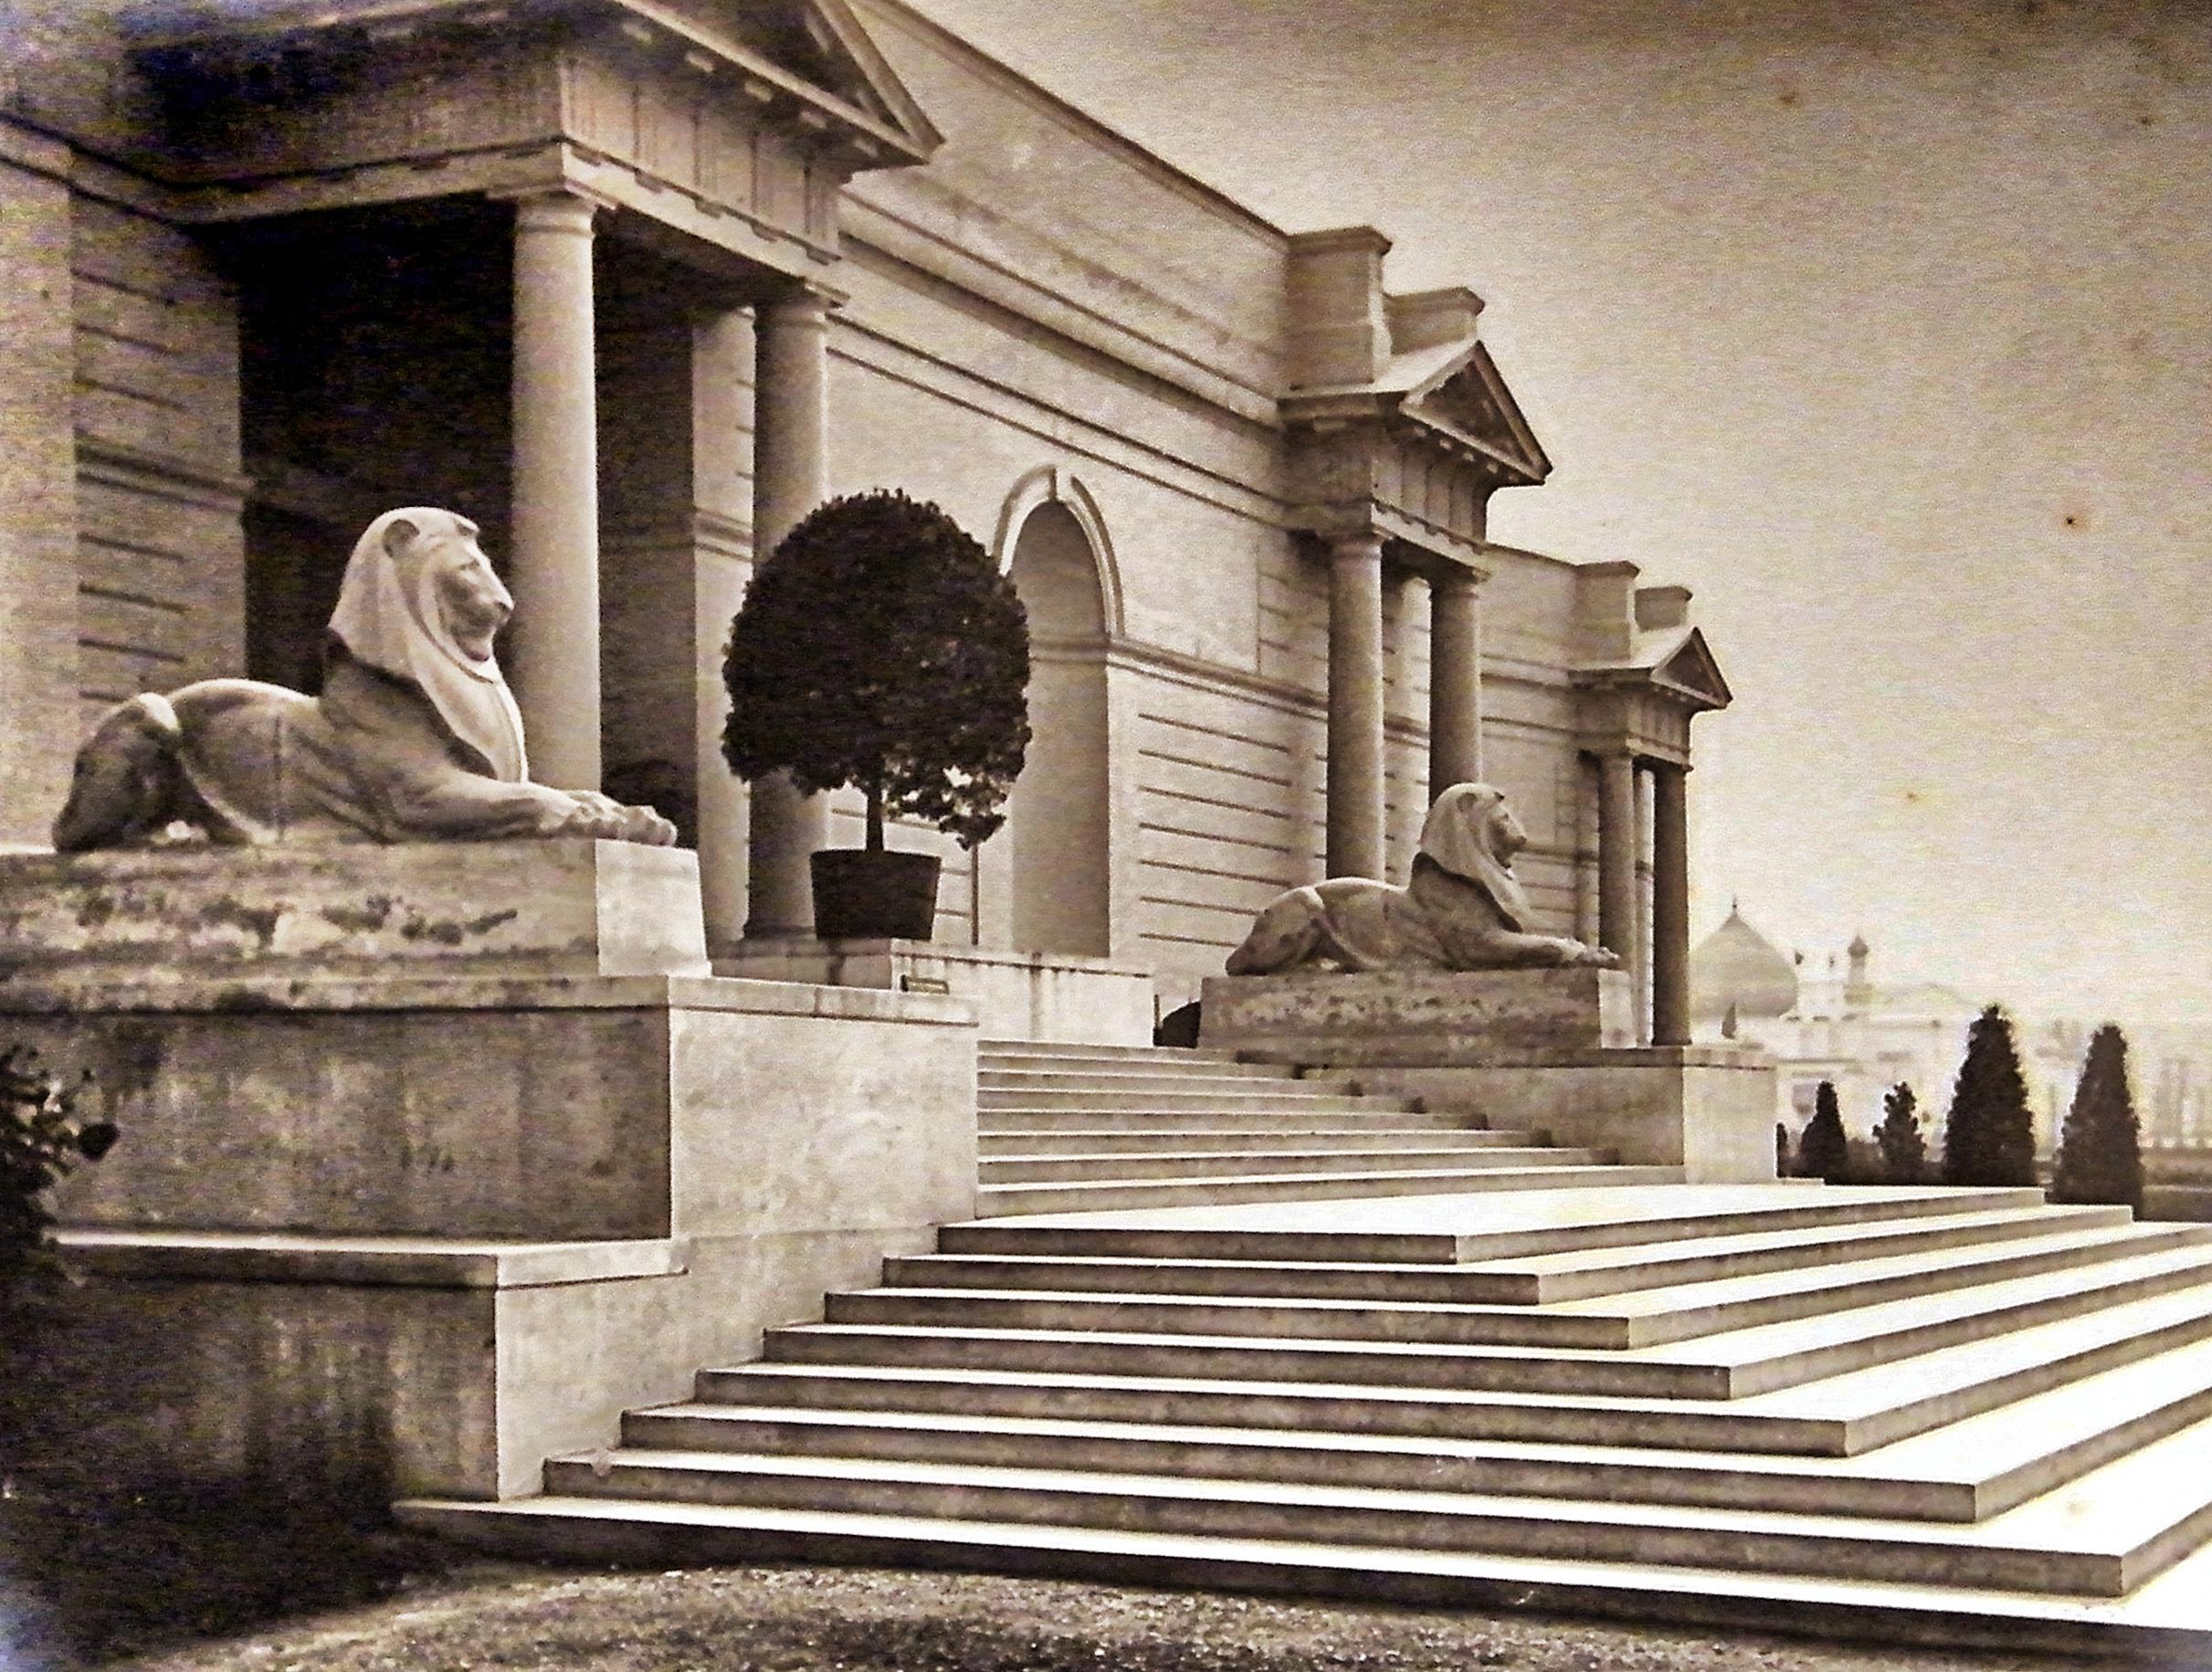 Leeuwen, Brits paviljoen op de wereldtentoonstelling van 1930 in Antwerpen